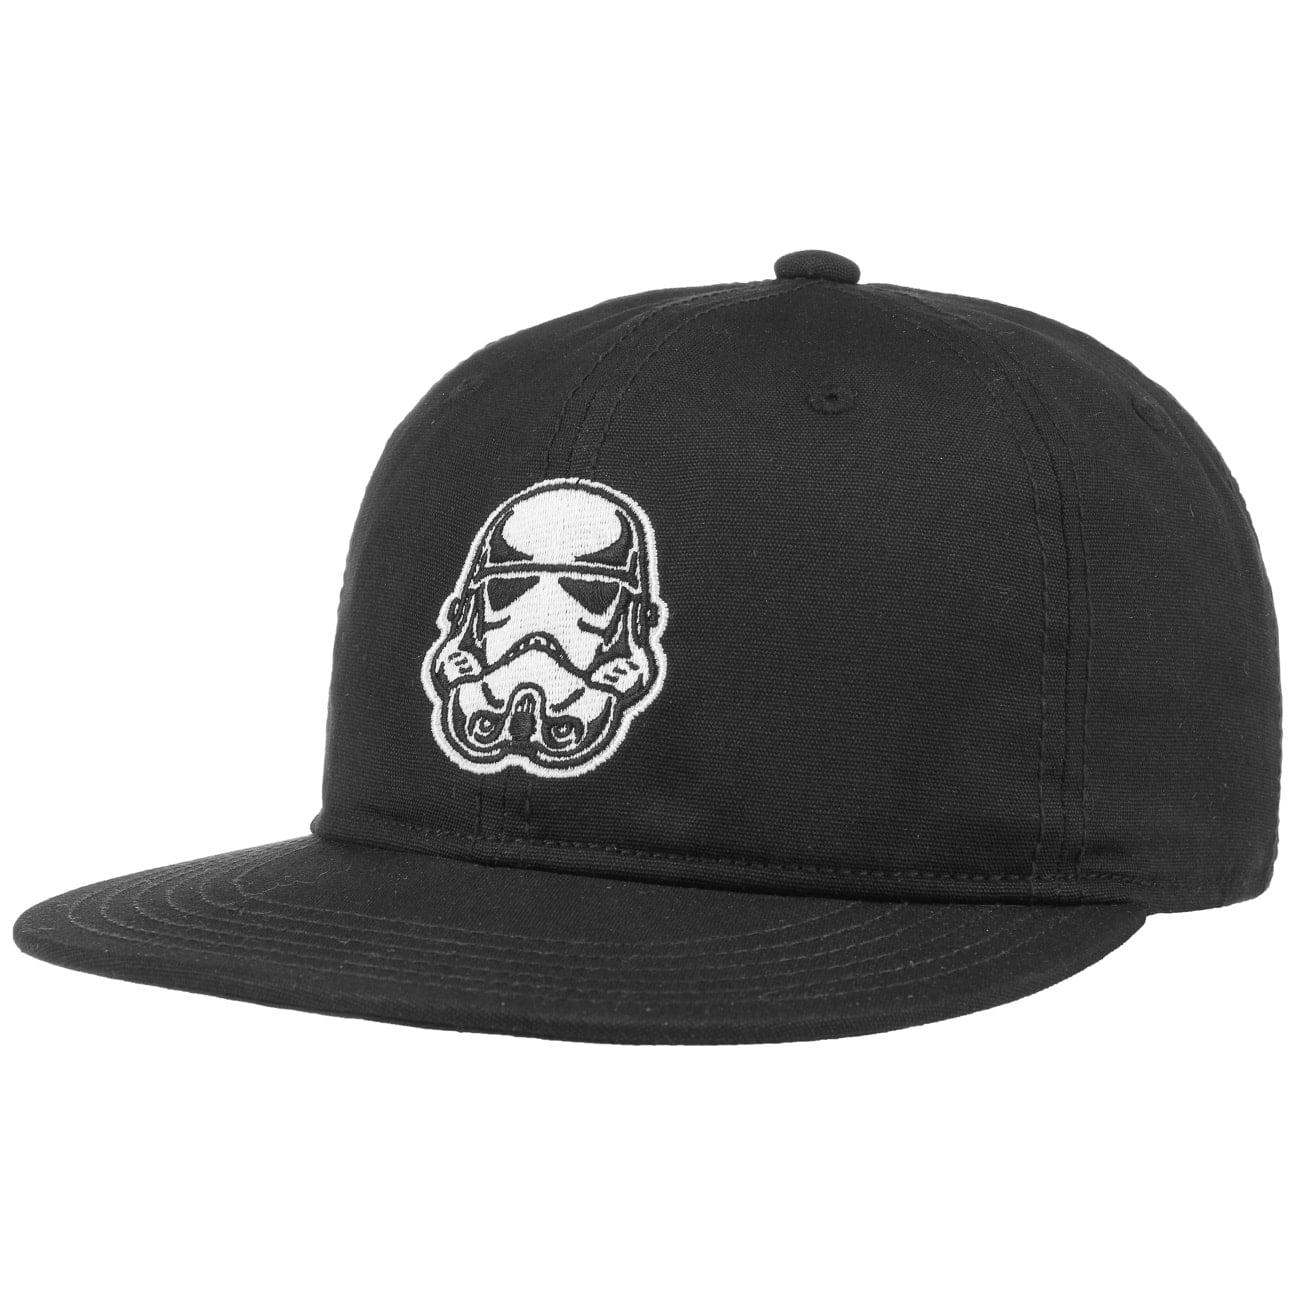 Gorra Trooper Head Snapback by dedicated  base cap